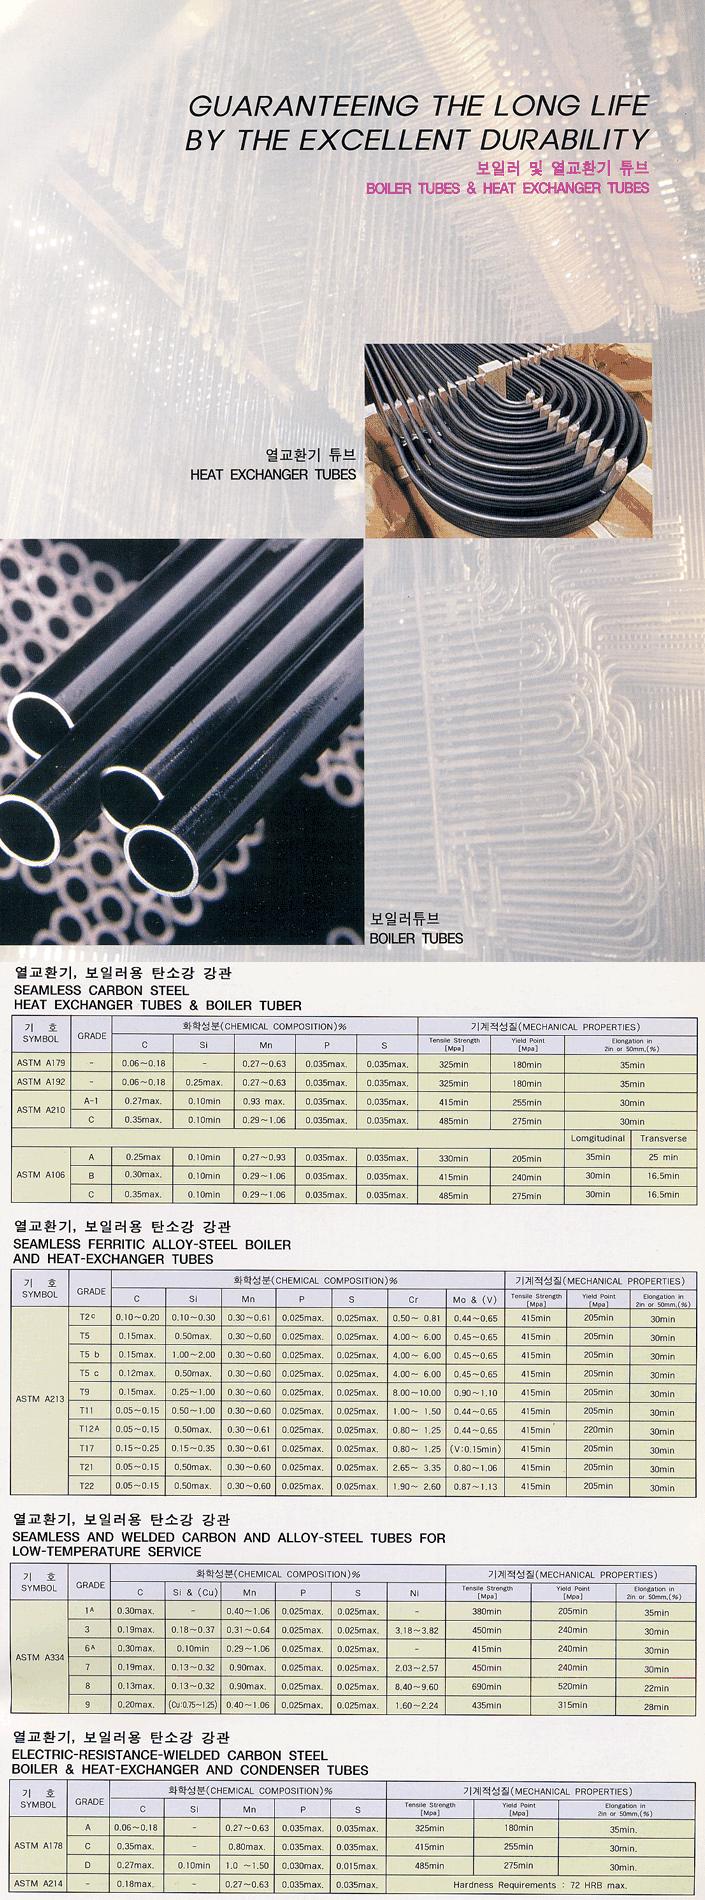 에스피씨 열 교환기, 보일러 튜브 ASTM Series